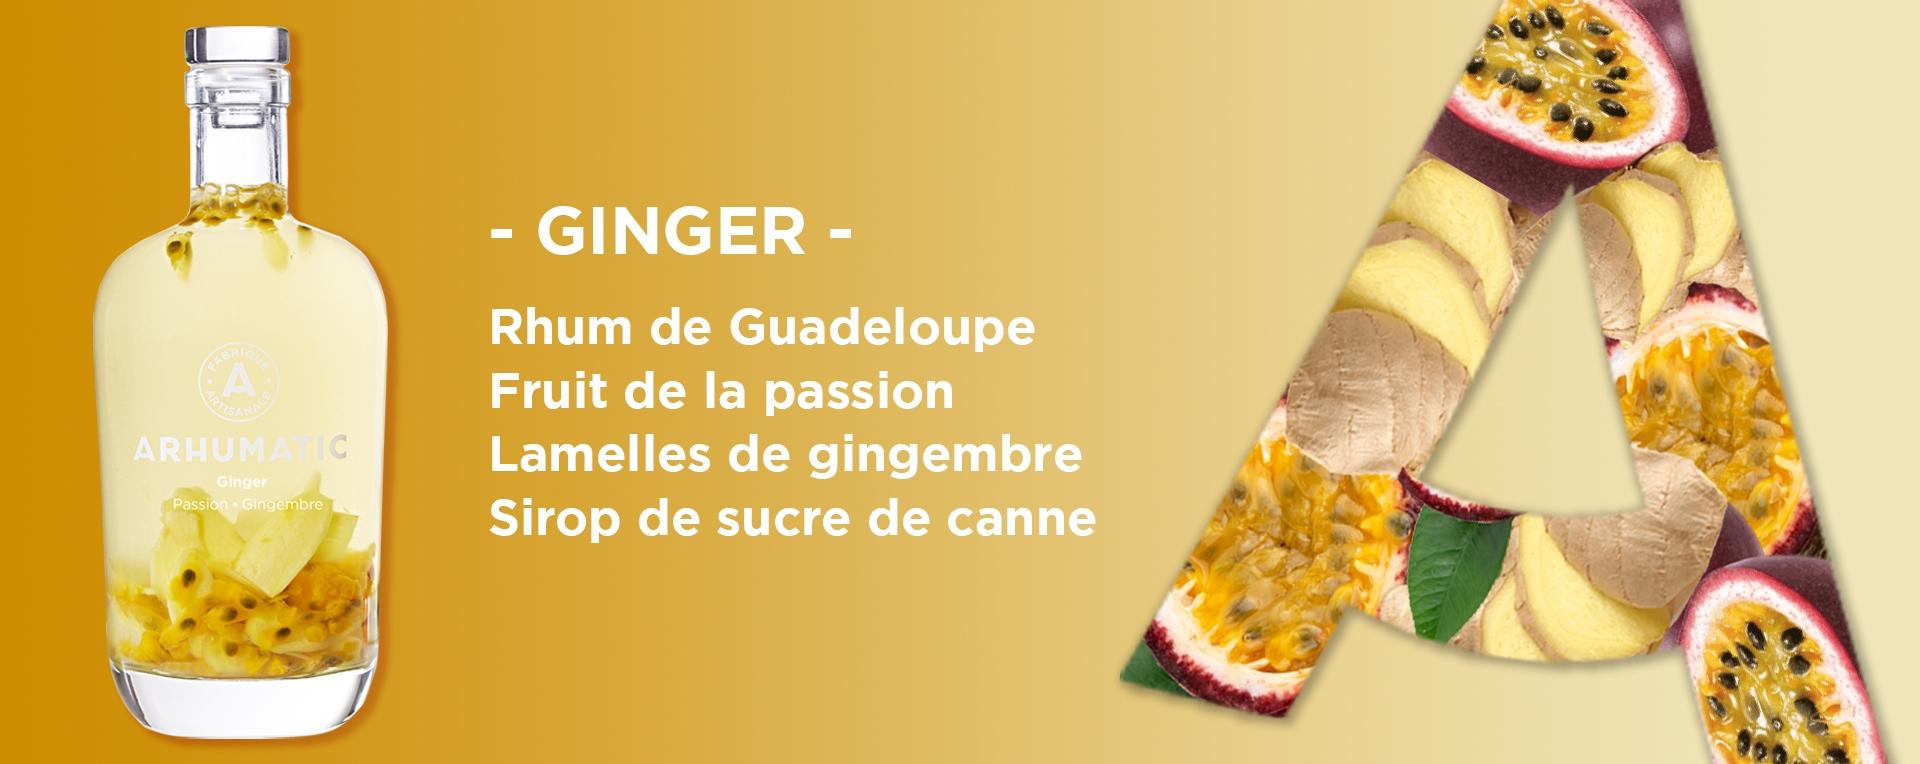 Ginger 28° c'est : - Un rhum agricole de Guadeloupe - Du fruit de la passion - De fines lamelles de Gingembre - Du sirop de sucre de canne. Disponible sur arhumatic.fr ou chez votre caviste préféré